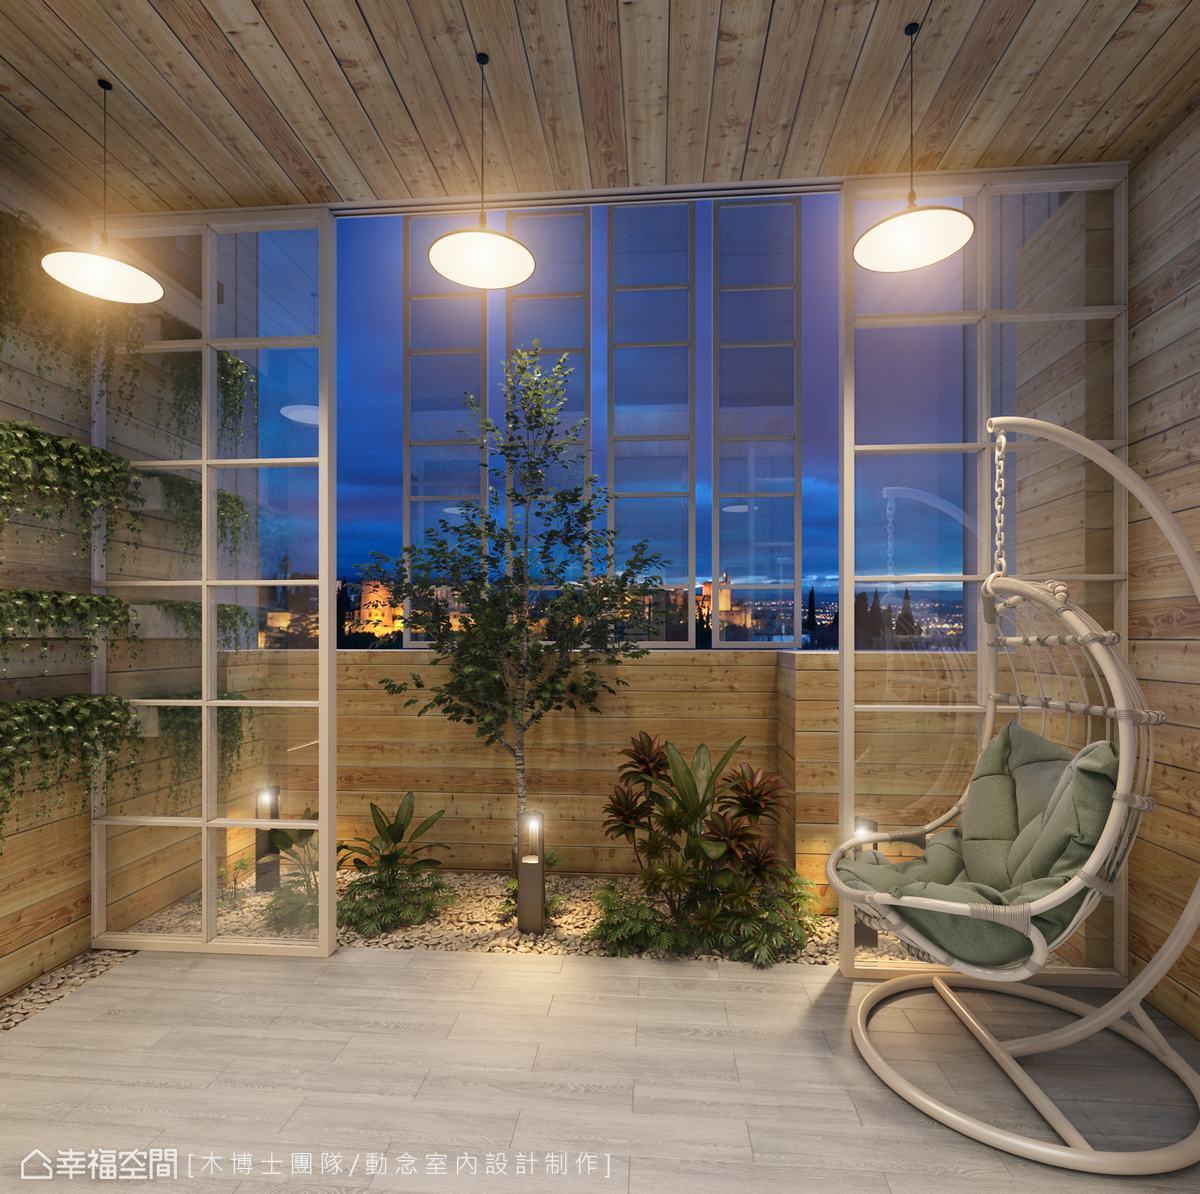 城市中的悠閒假期:台中15坪頂樓花園大改造